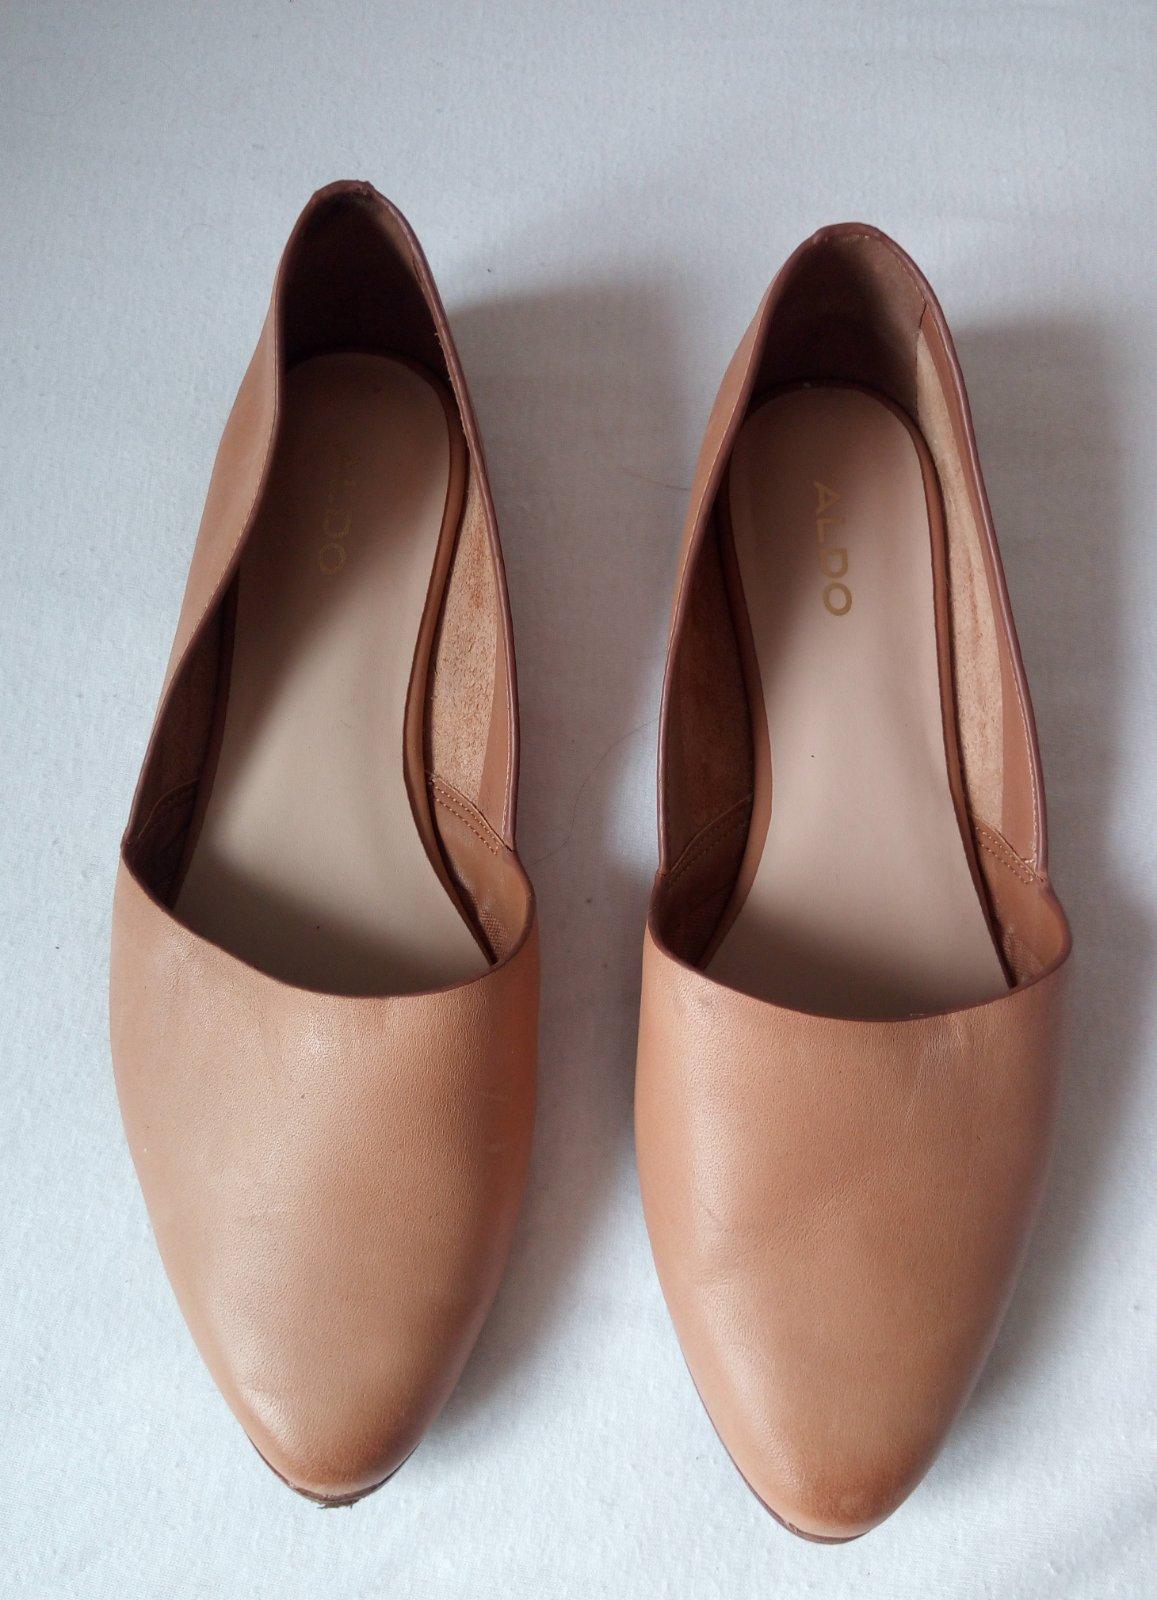 Bledohnedé kožené minimalistické baleríny - Obrázok č. 1